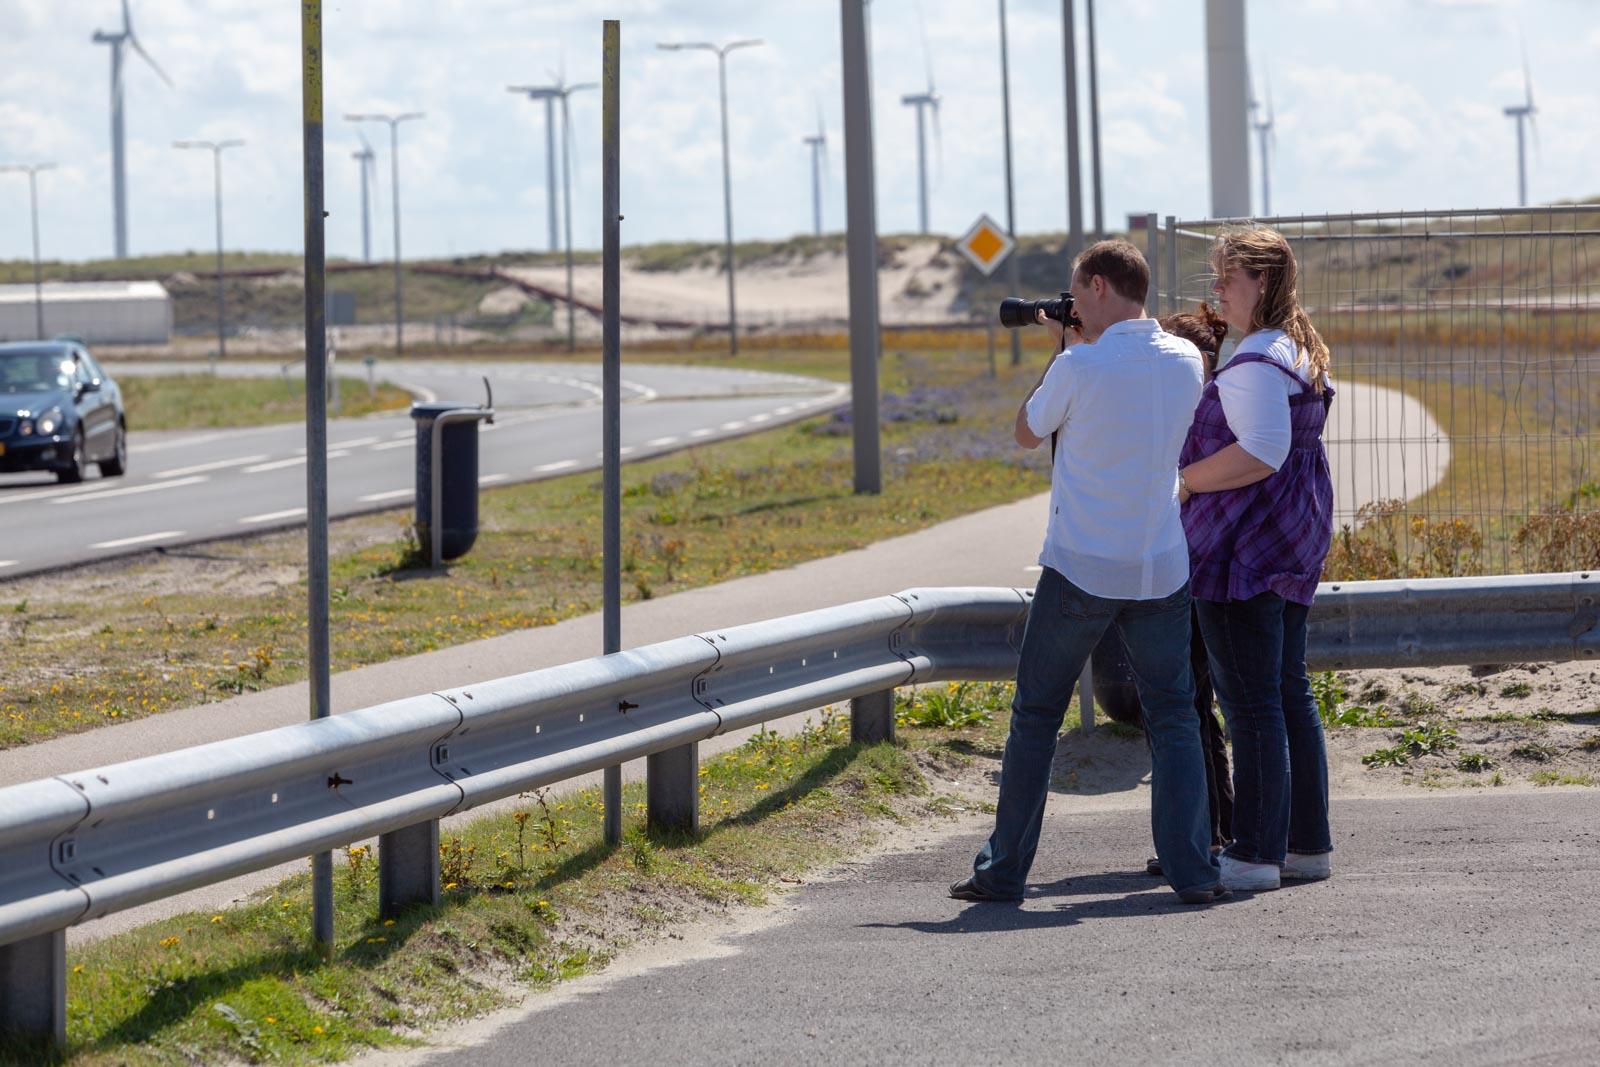 Redmar geeft uitleg aan een cursist van Fotografieles.nl op de Maasvlakte